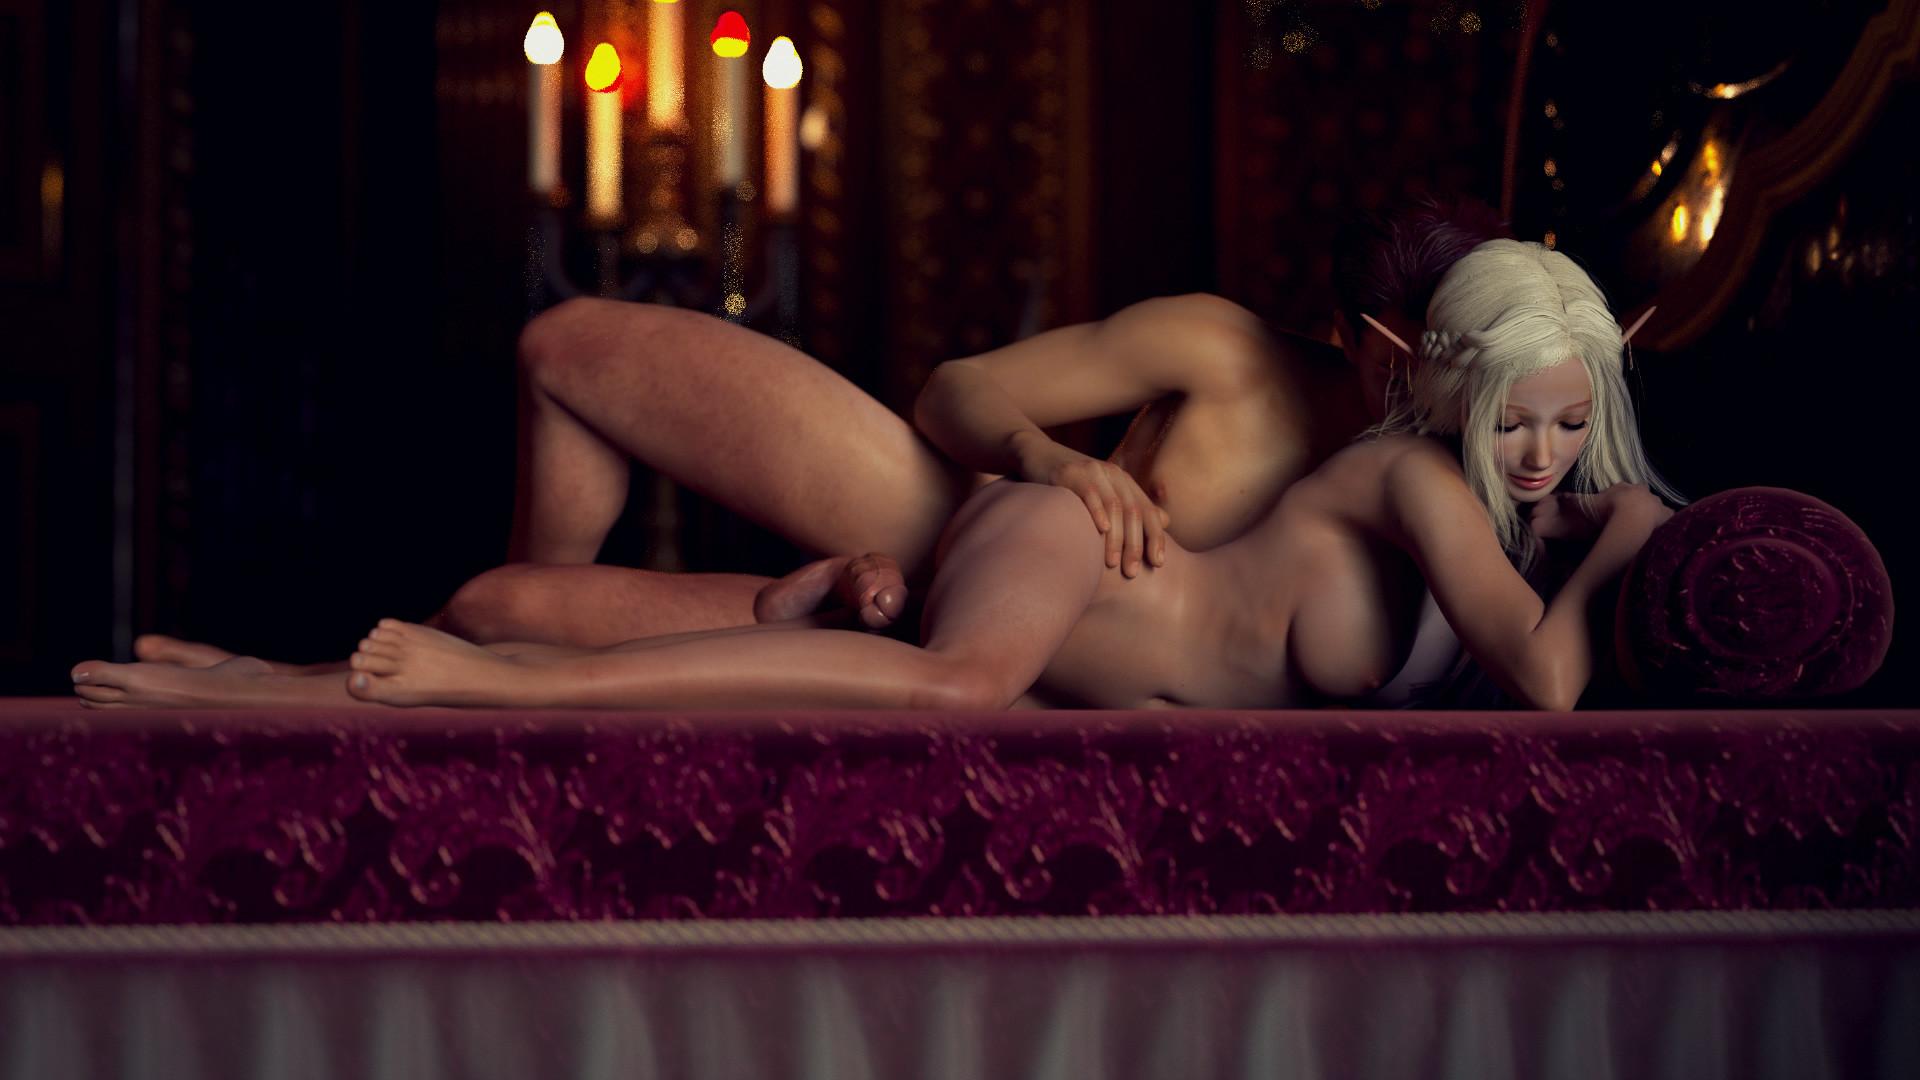 Секс порно скринсейверы, красивые арабки порно фото